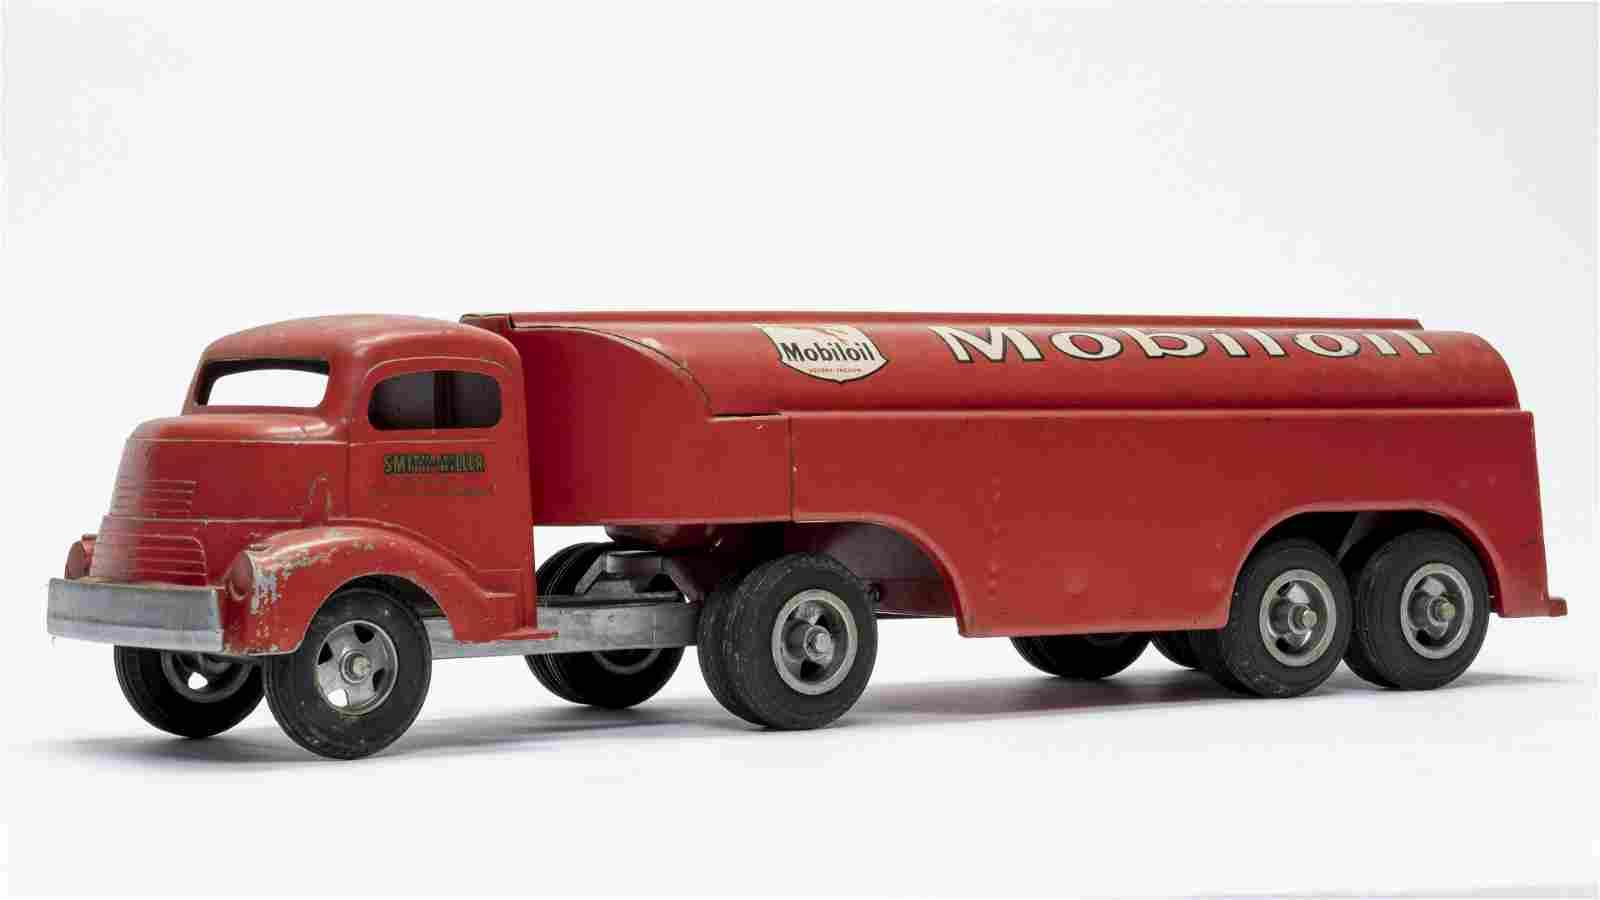 Smith Miller Mobiloil Truck